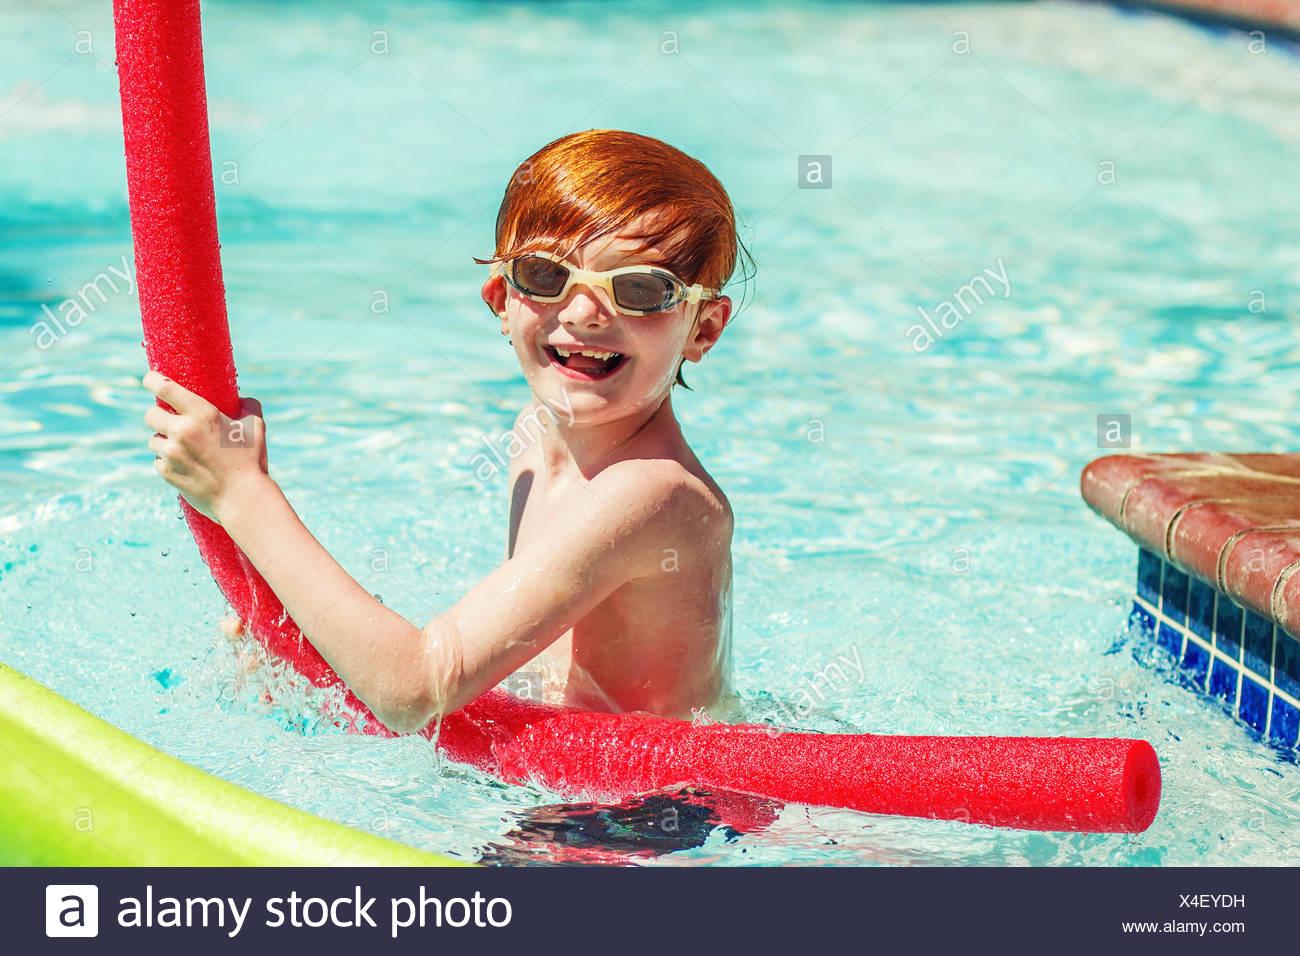 Giovane ragazzo (6-7) a giocare in piscina Immagini Stock